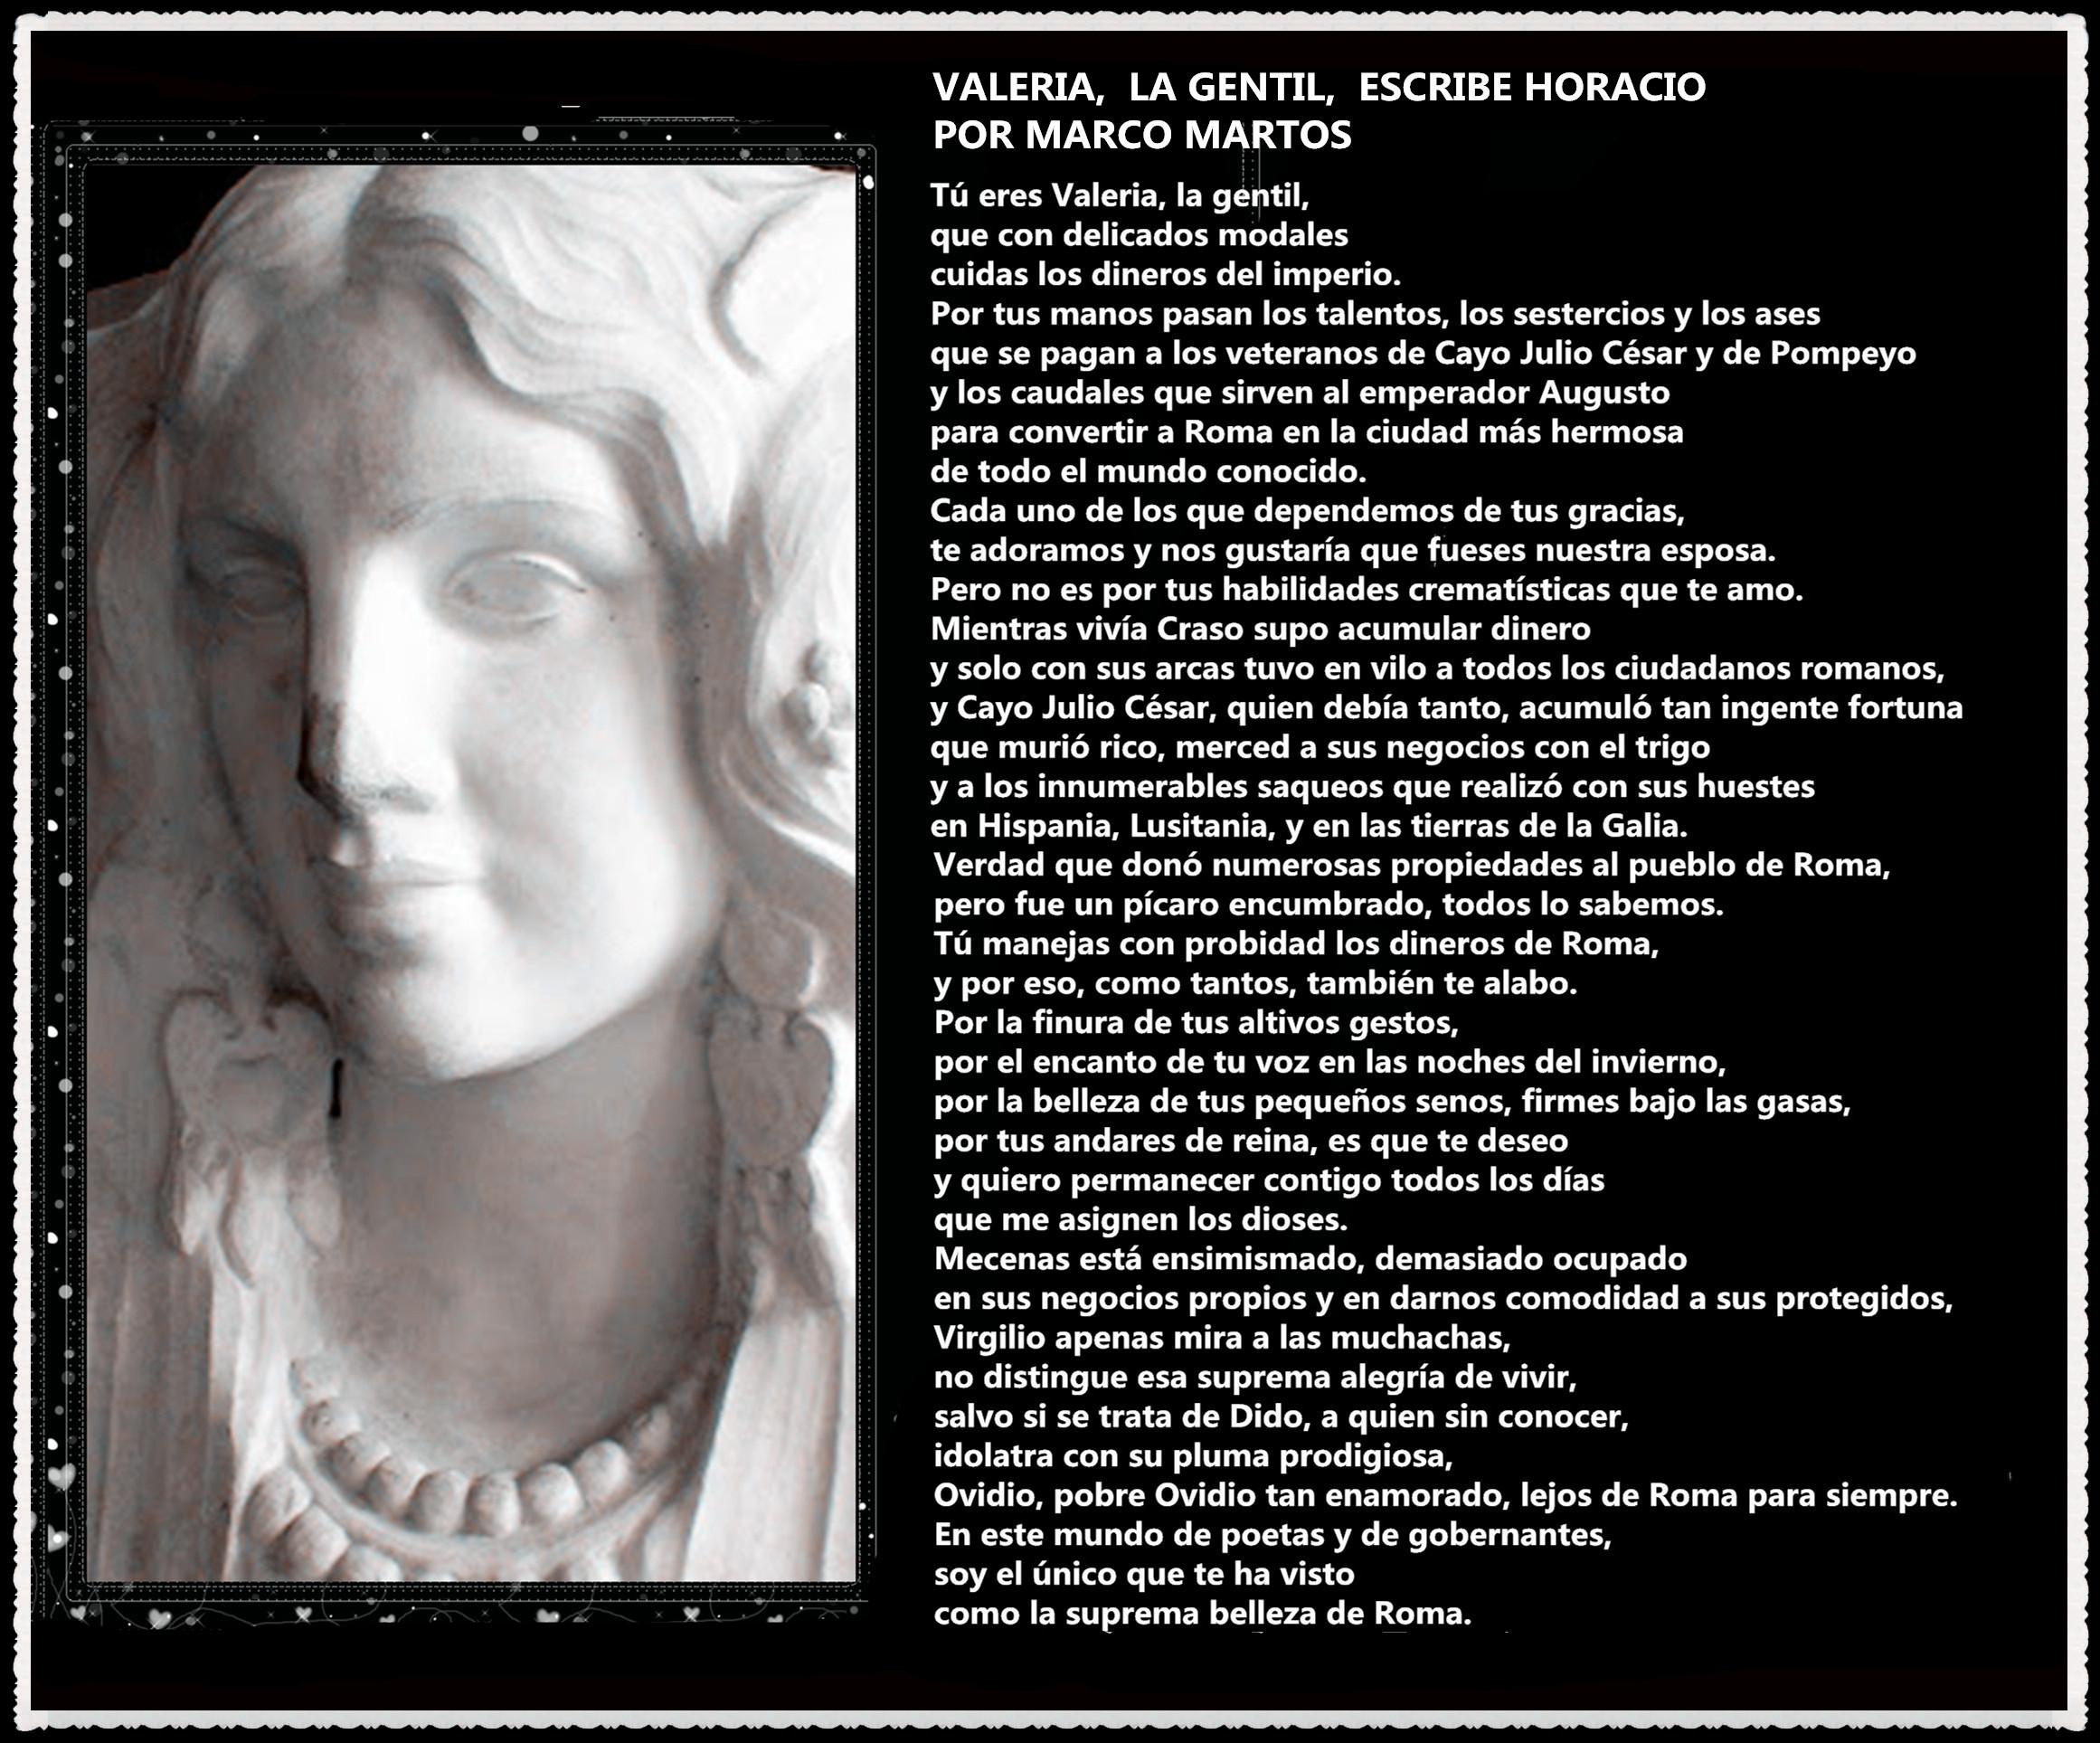 VALERIA,  LA GENTIL,  ESCRIBE HORACIO POR MARCO MARTOS